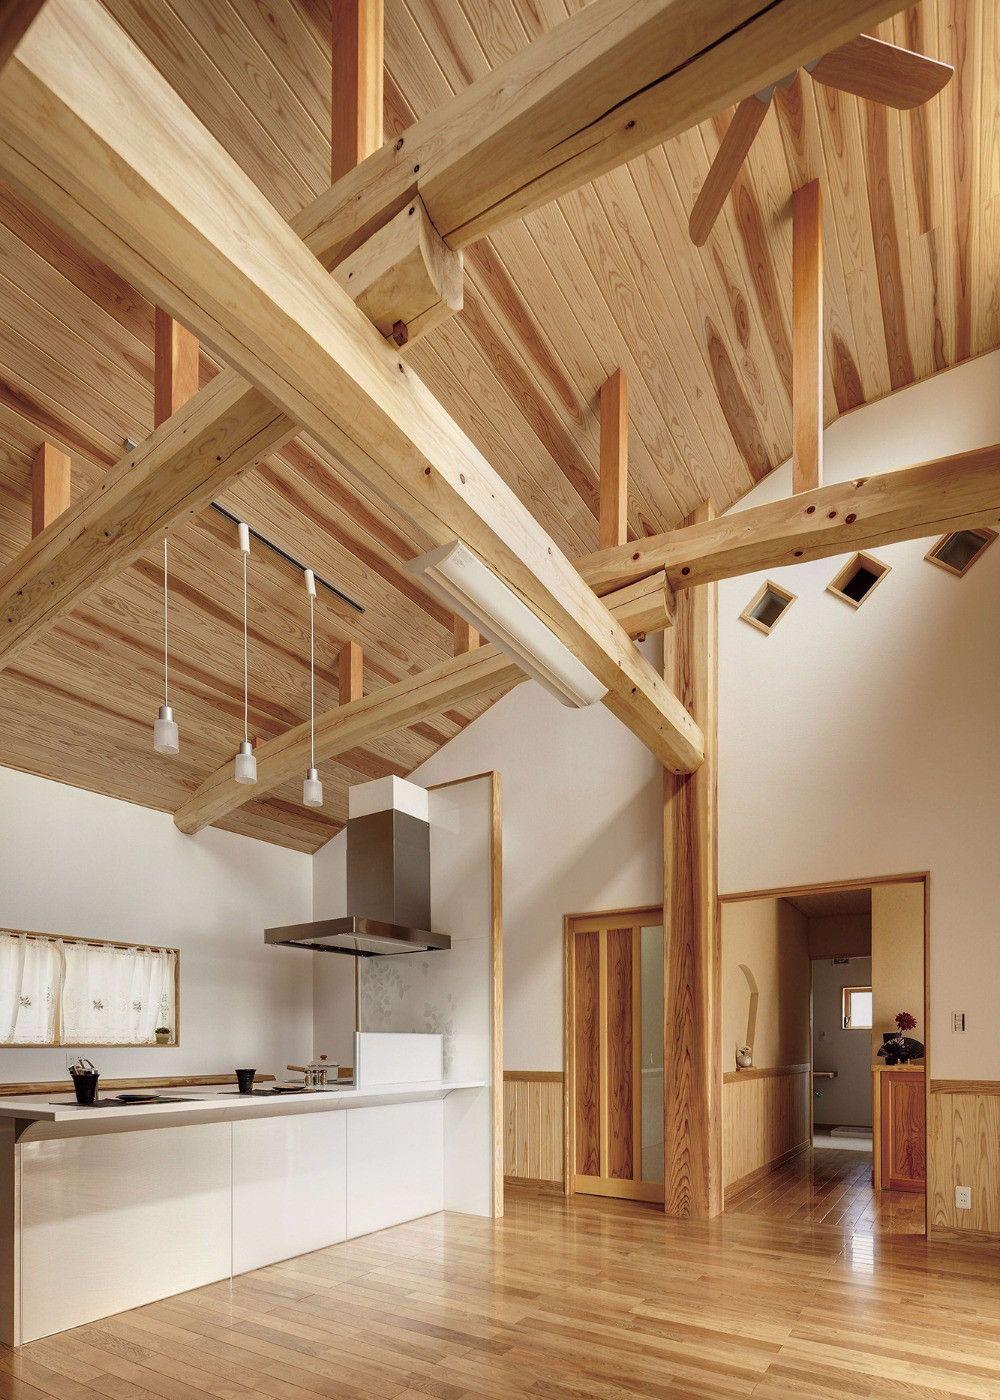 杉の源平が美しい天井 現しの梁は松 住宅 ハウス 家